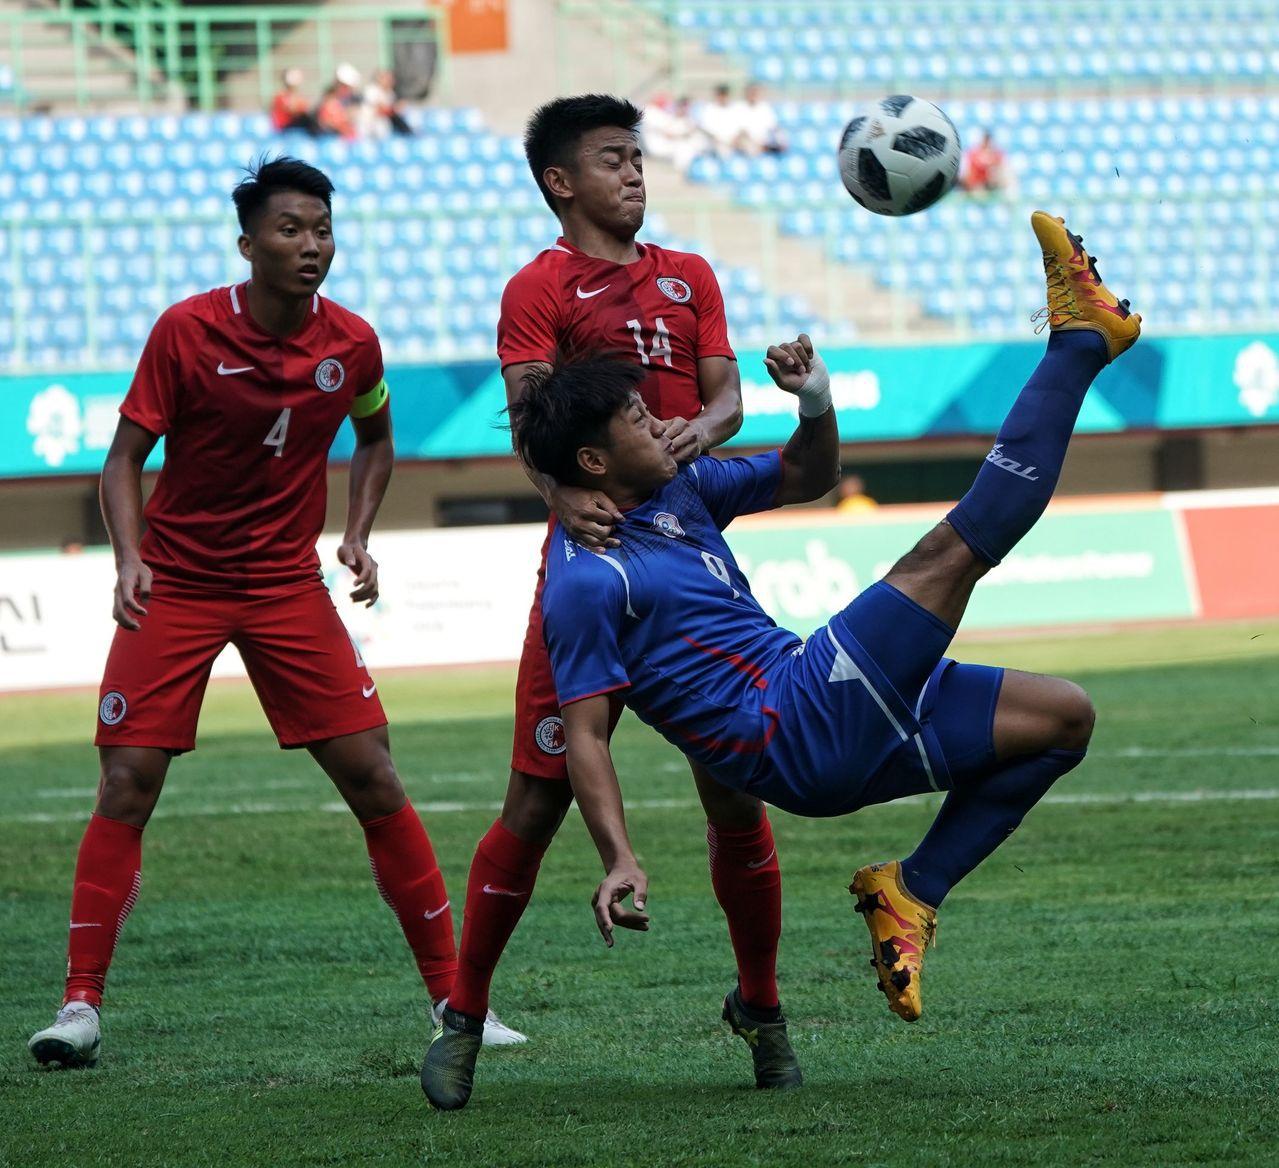 中華男足在小組賽第3戰以0:4不敵香港。圖/中華奧會提供